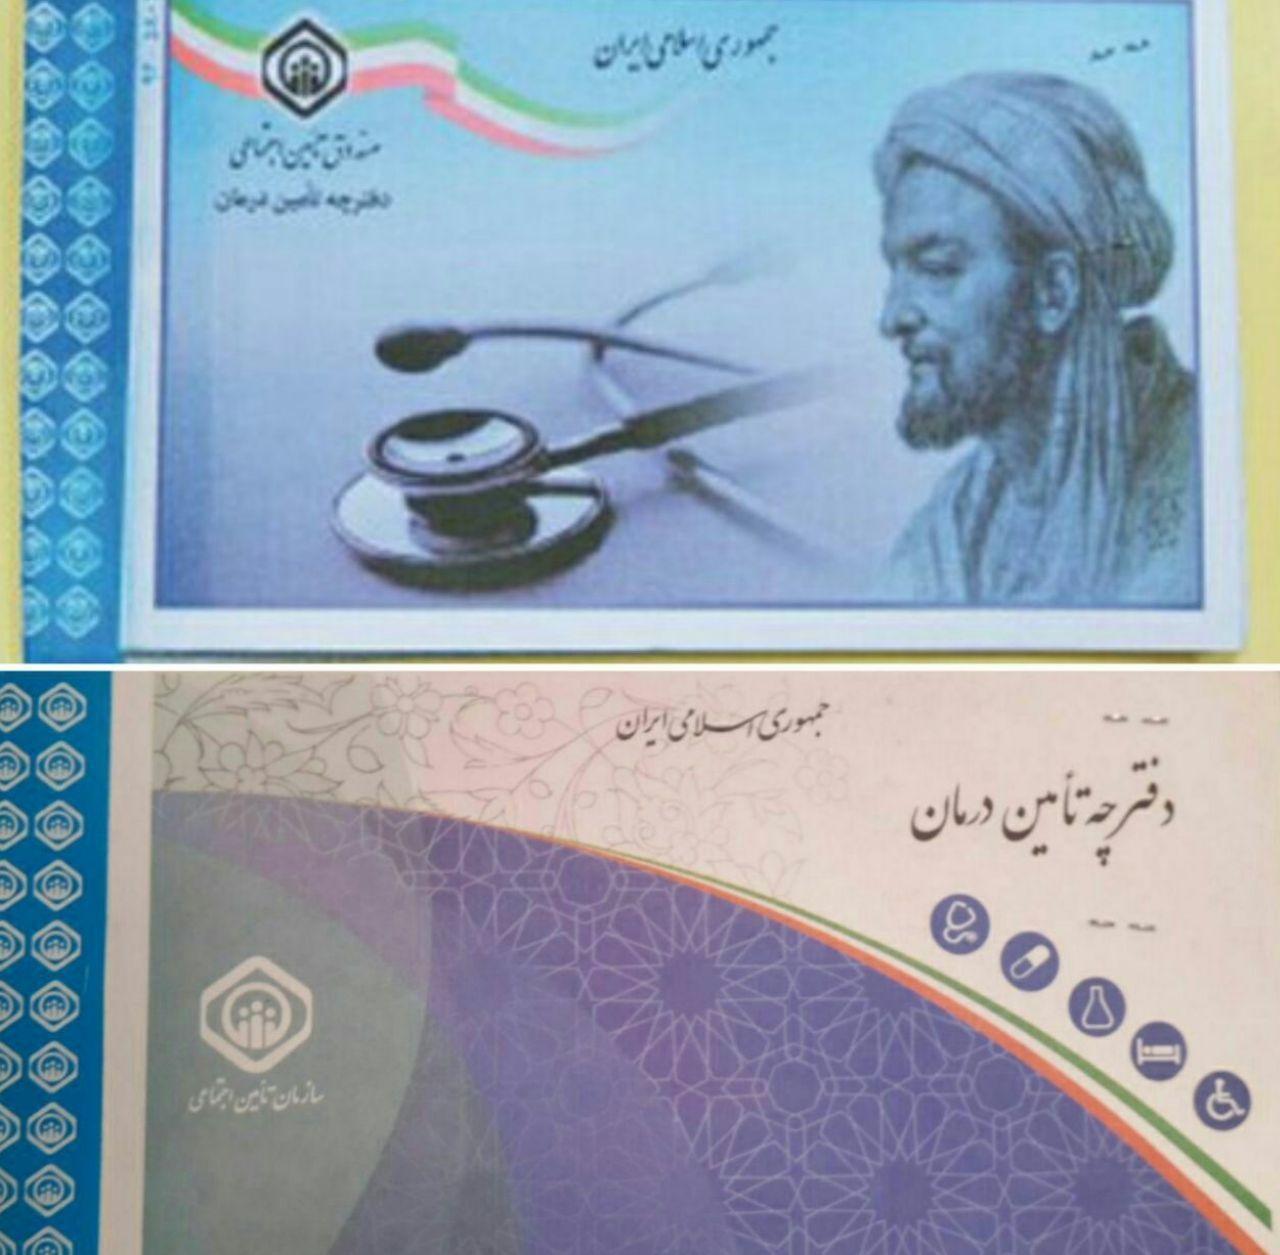 ابن سینا از دفترچه بیمه تامین اجتماعی حذف شد+ عکس